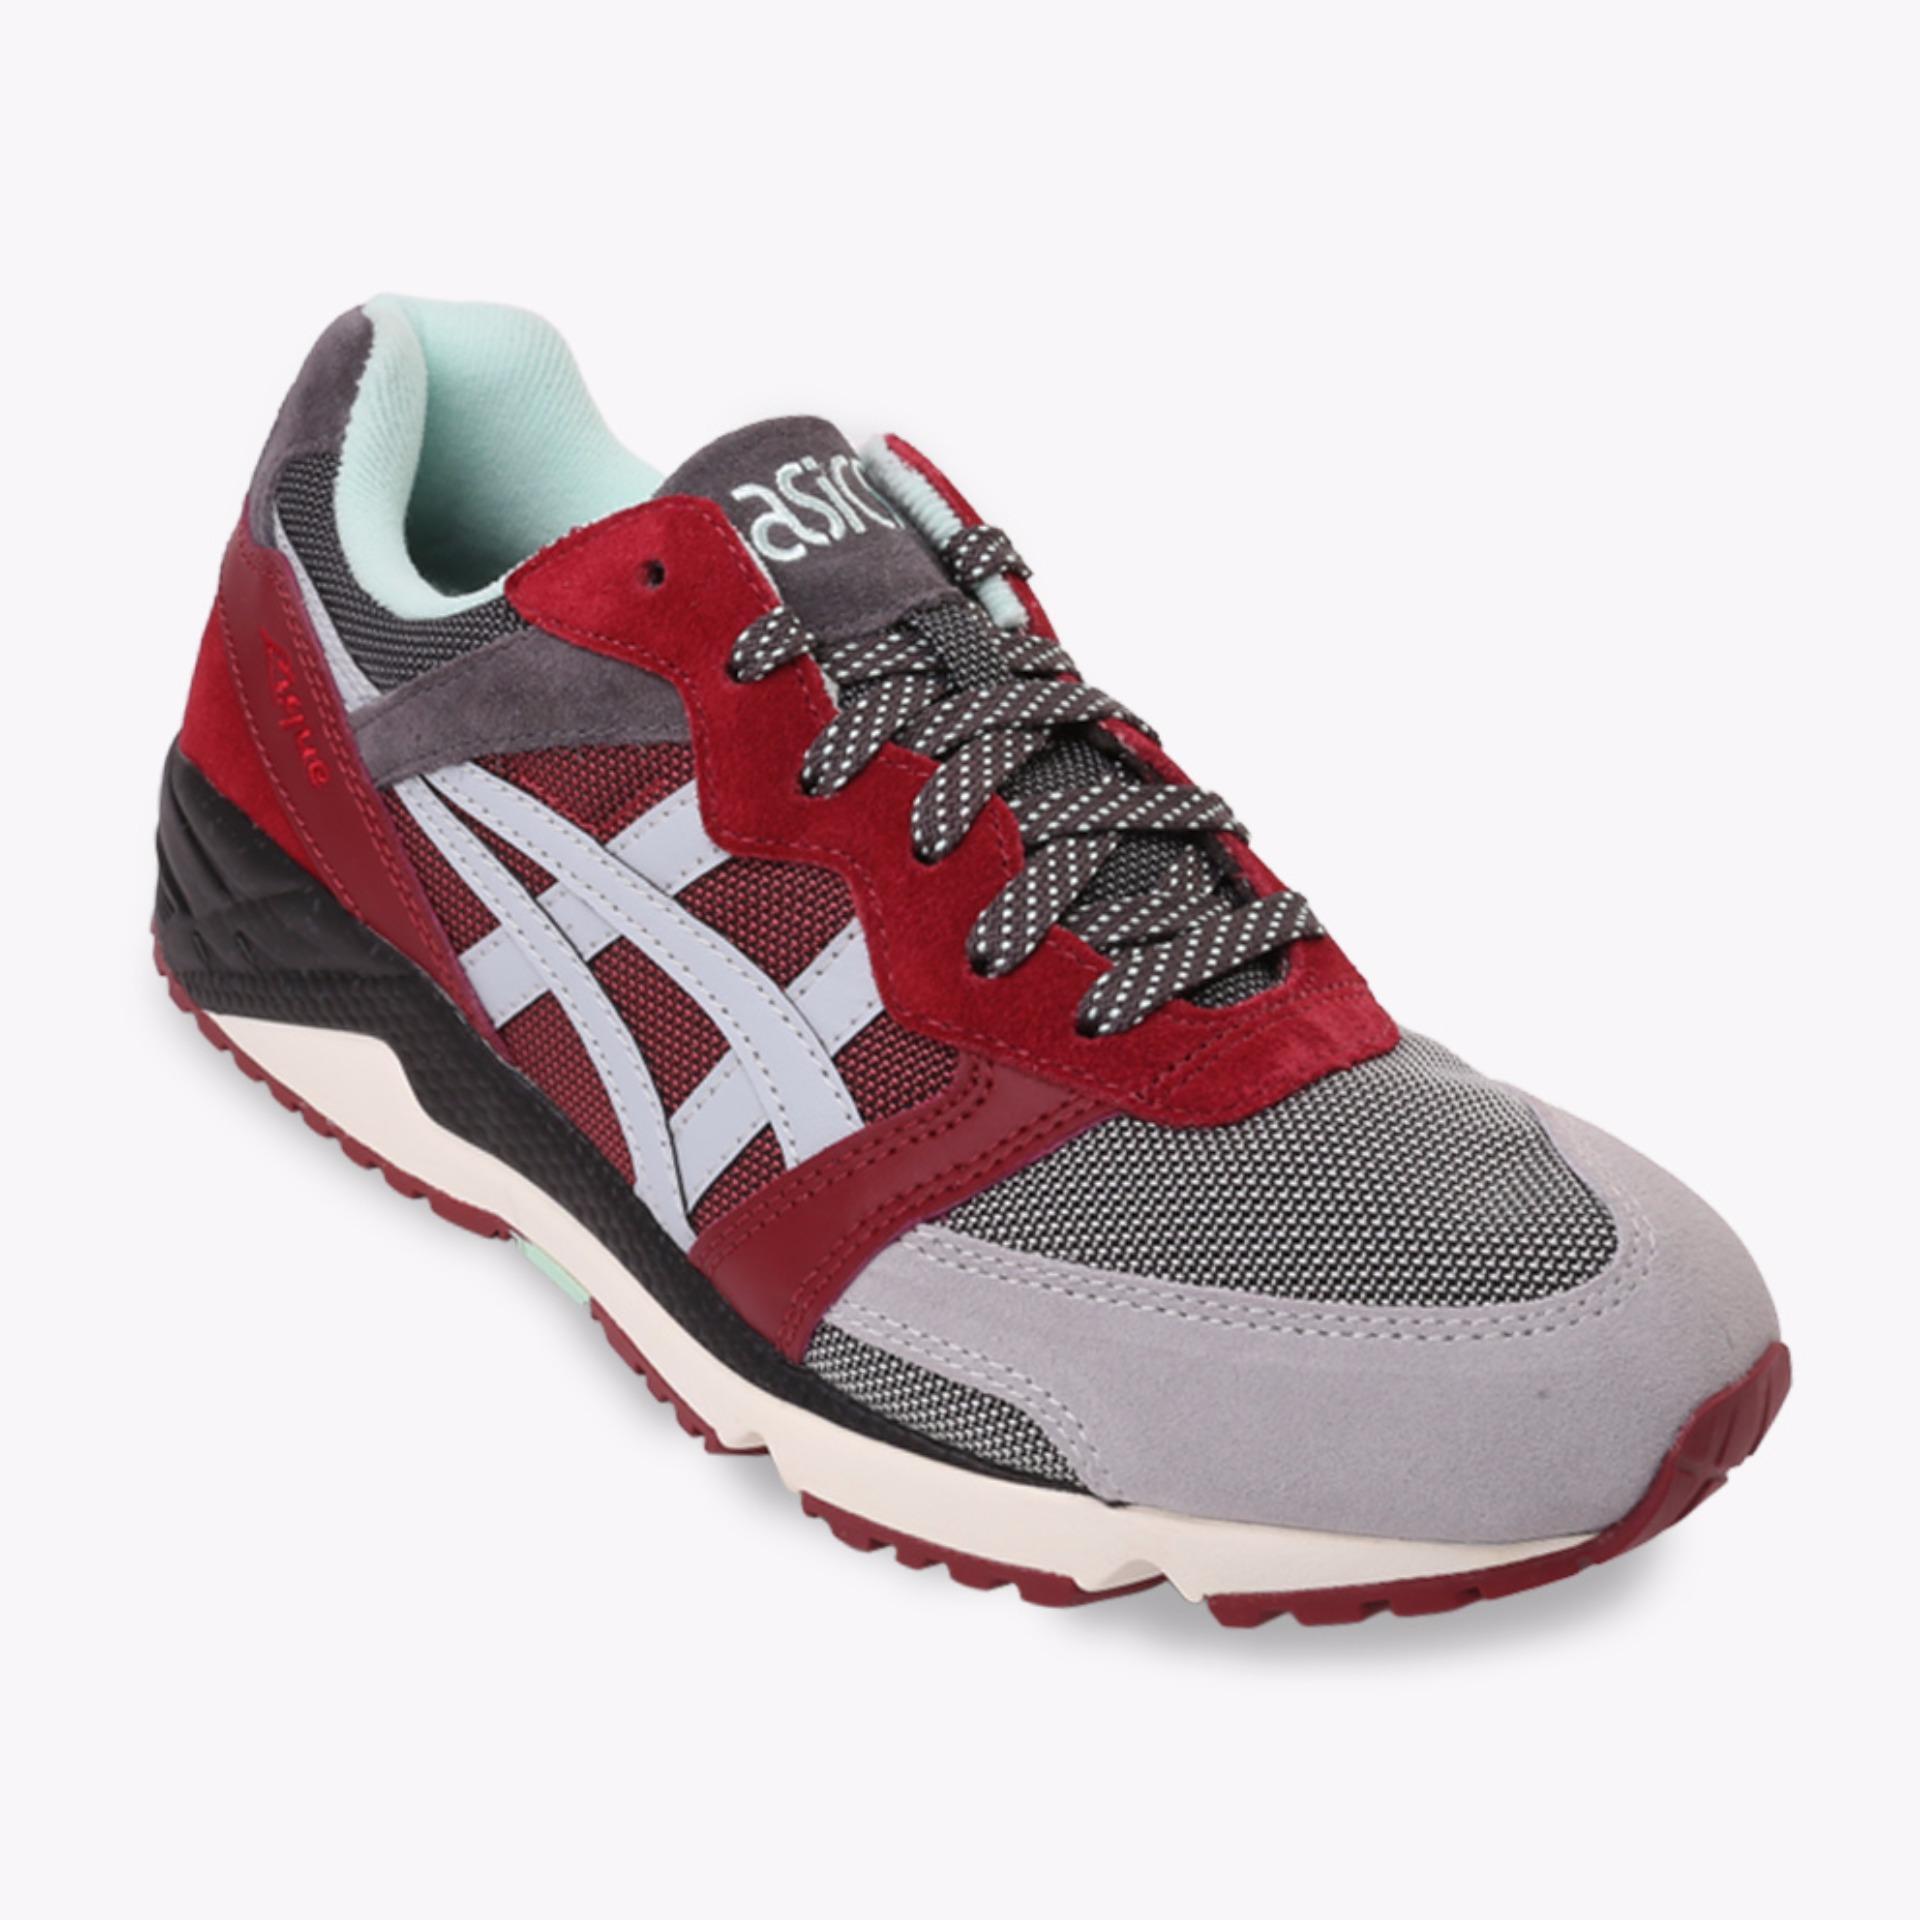 Asics Tiger Gel-Liques Men's Lifestyle Shoes - Merah